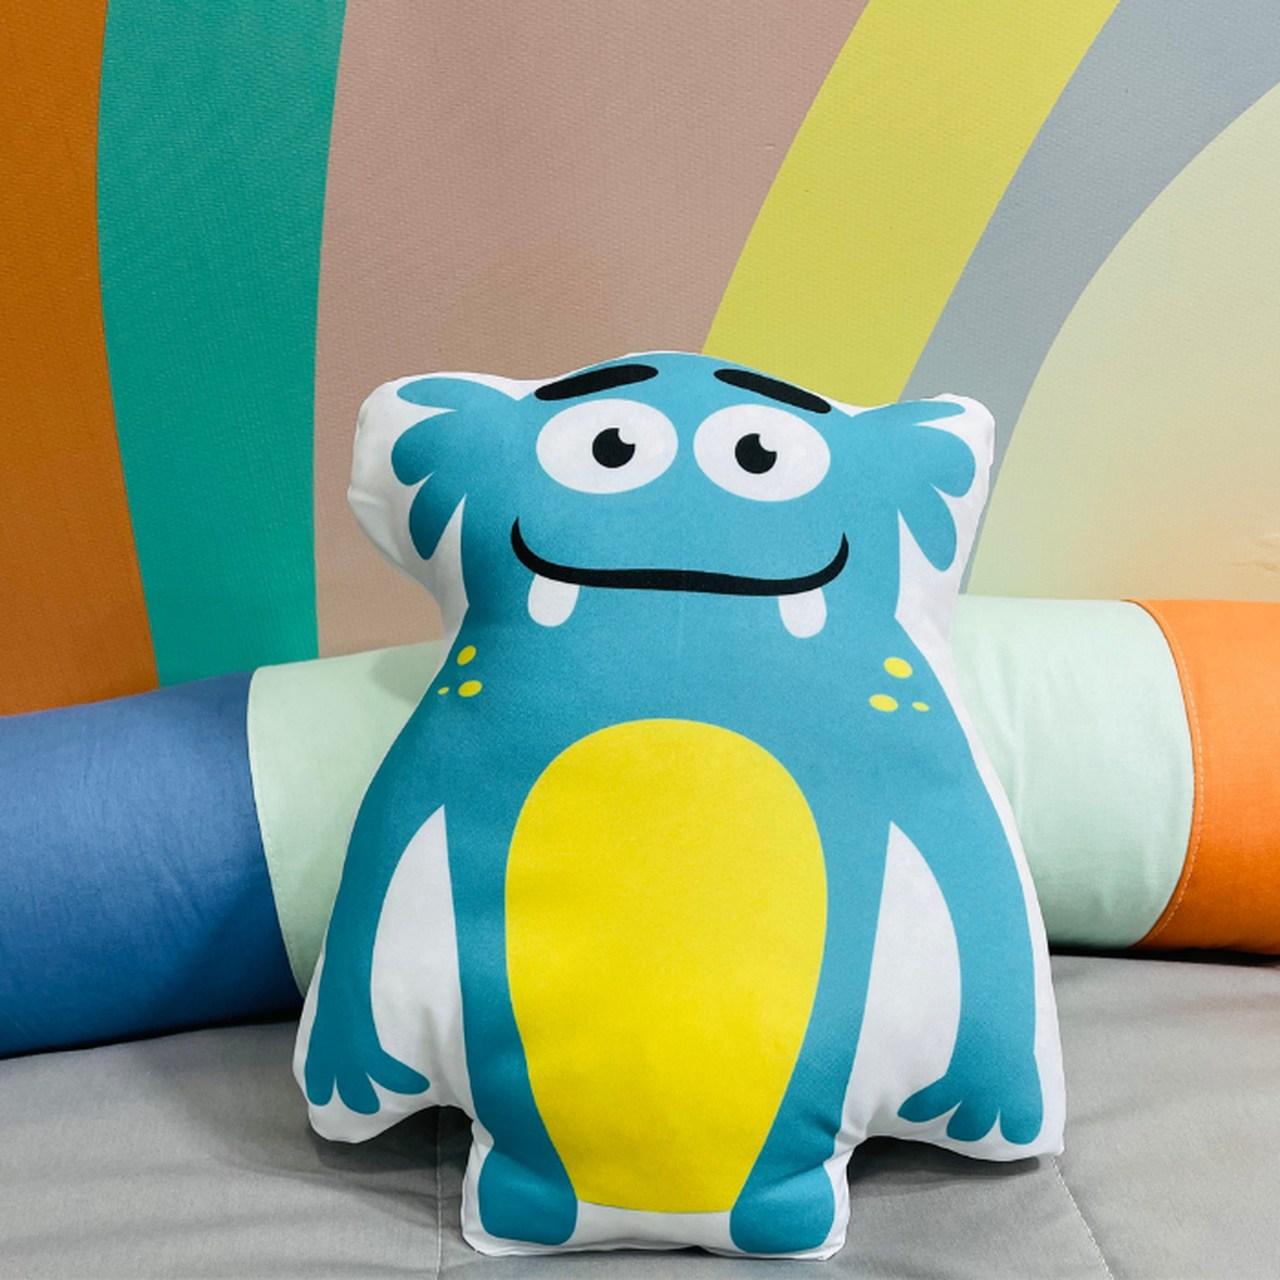 Almofada infantil toy monstrinho azul